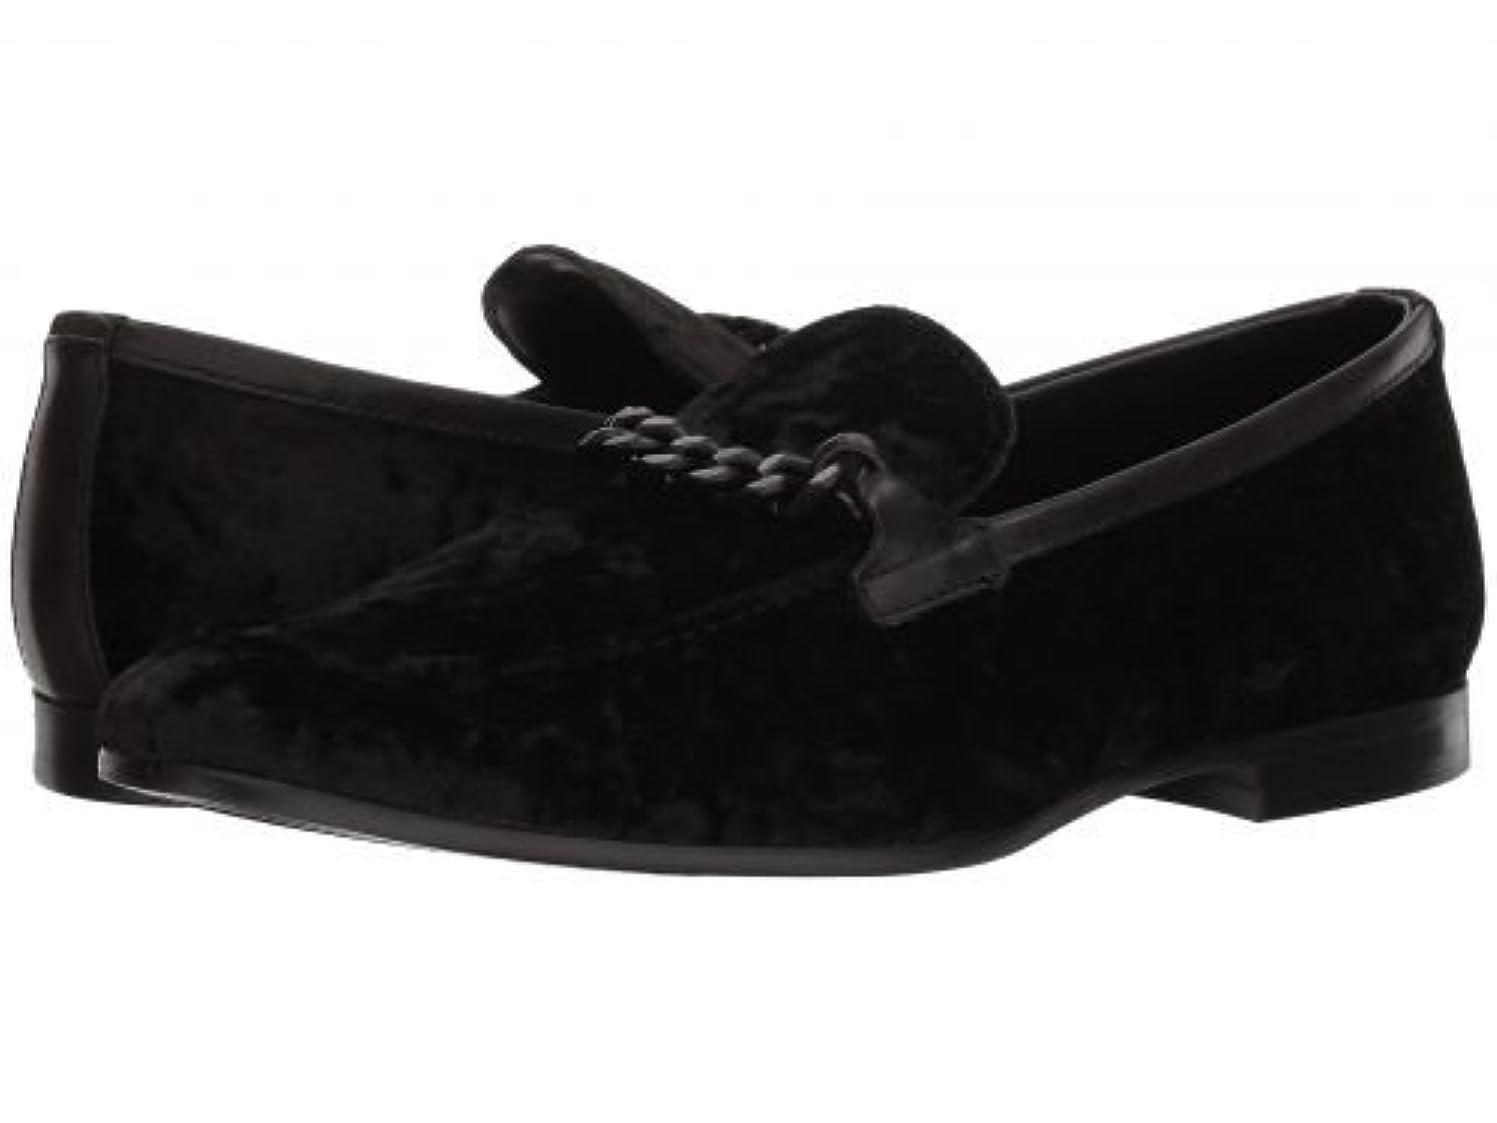 夢中同様の肉腫Aldo(アルド) メンズ 男性用 シューズ 靴 ローファー Royton - Black Velvet [並行輸入品]